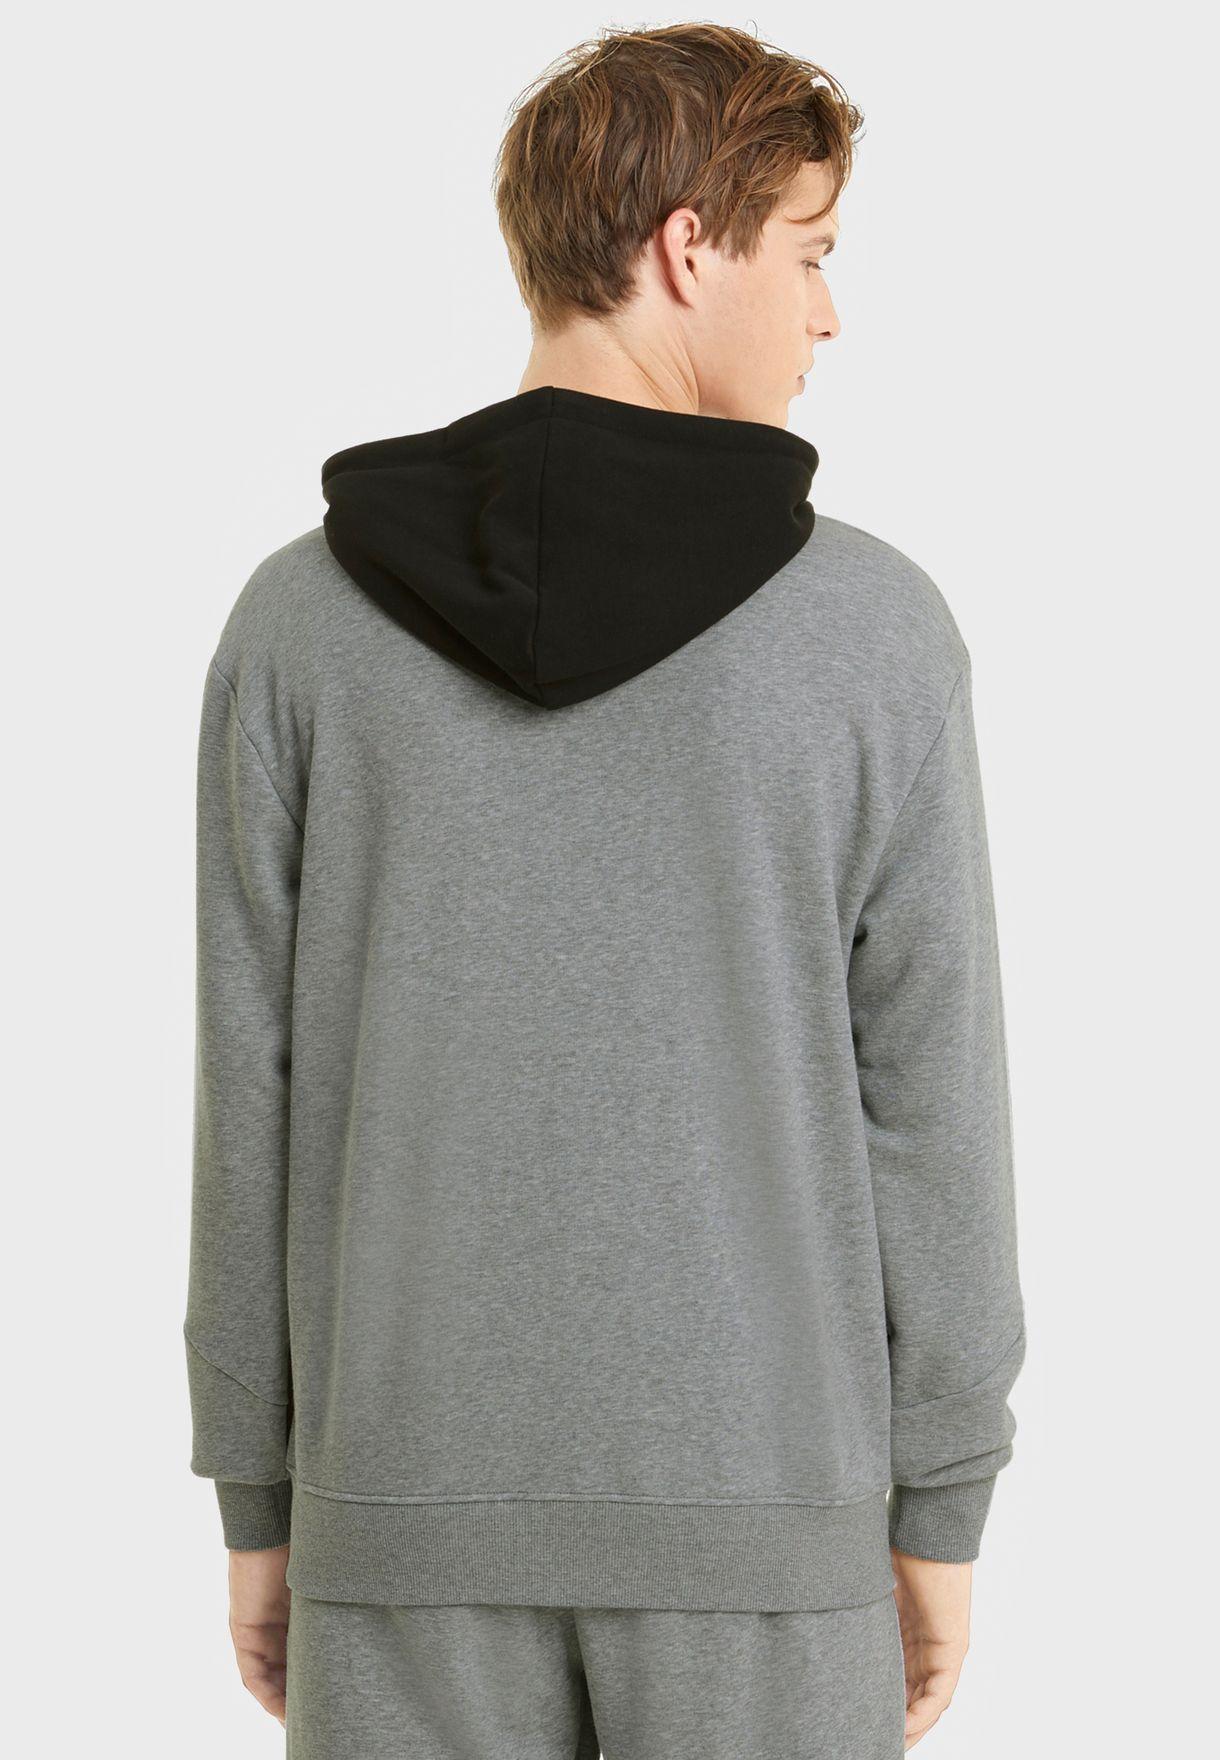 REBEL men sweater